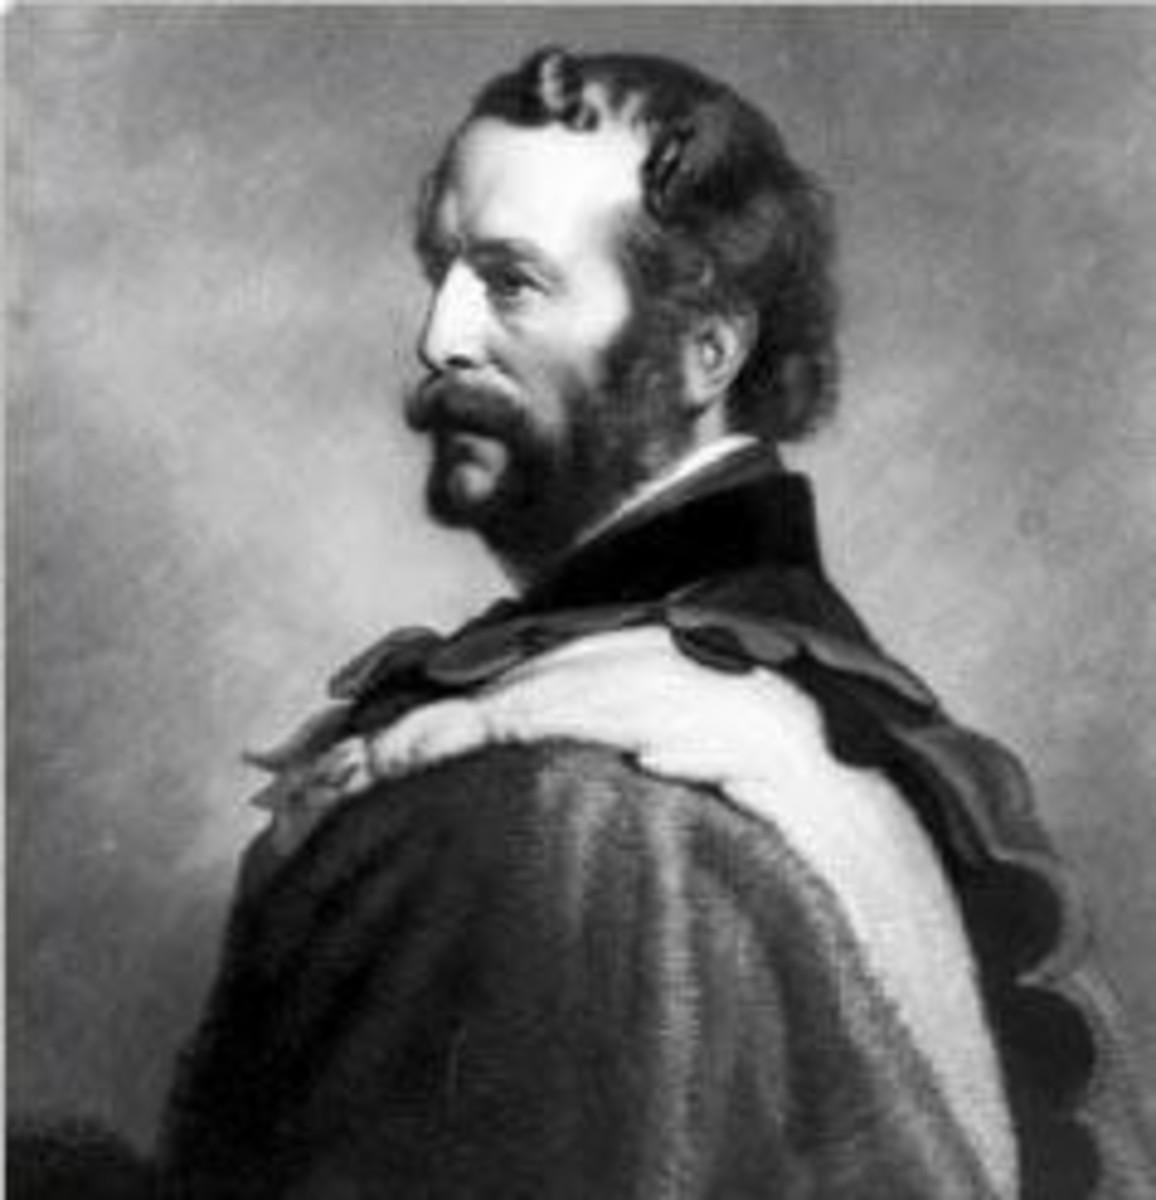 Dr. John Rae